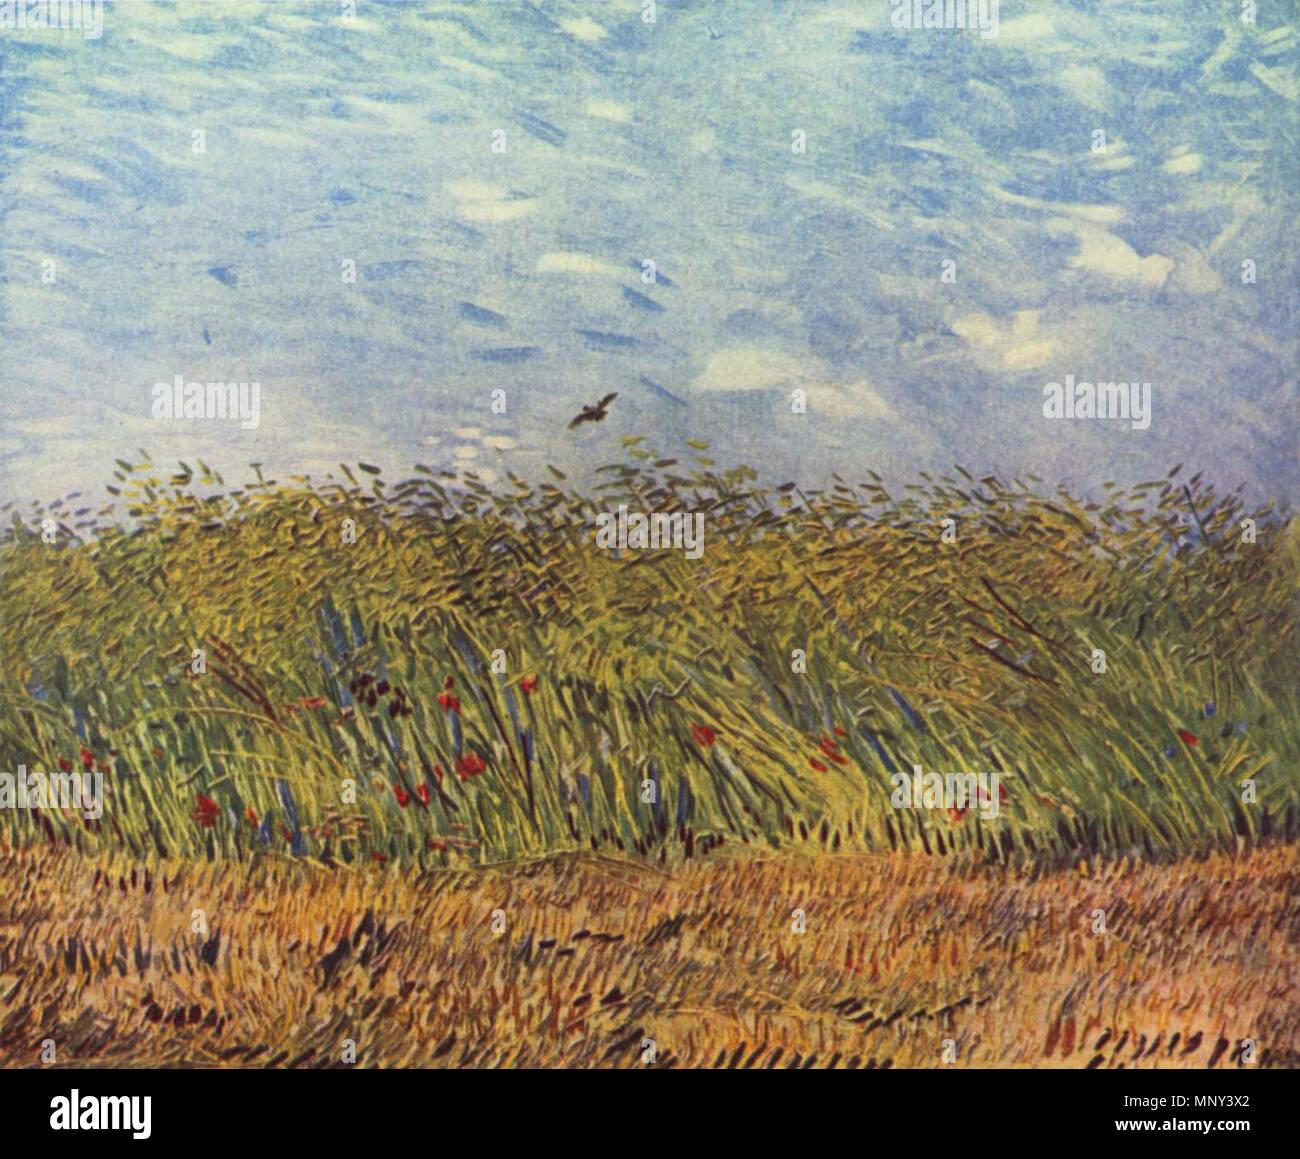 Deutsch Getreidefeld Mit Mohnblumen Und Lerche English Wheat Field With Poppies And Lark Paris Summer 1887 1224 Vincent Willem Van Gogh 048 Stock Photo Alamy